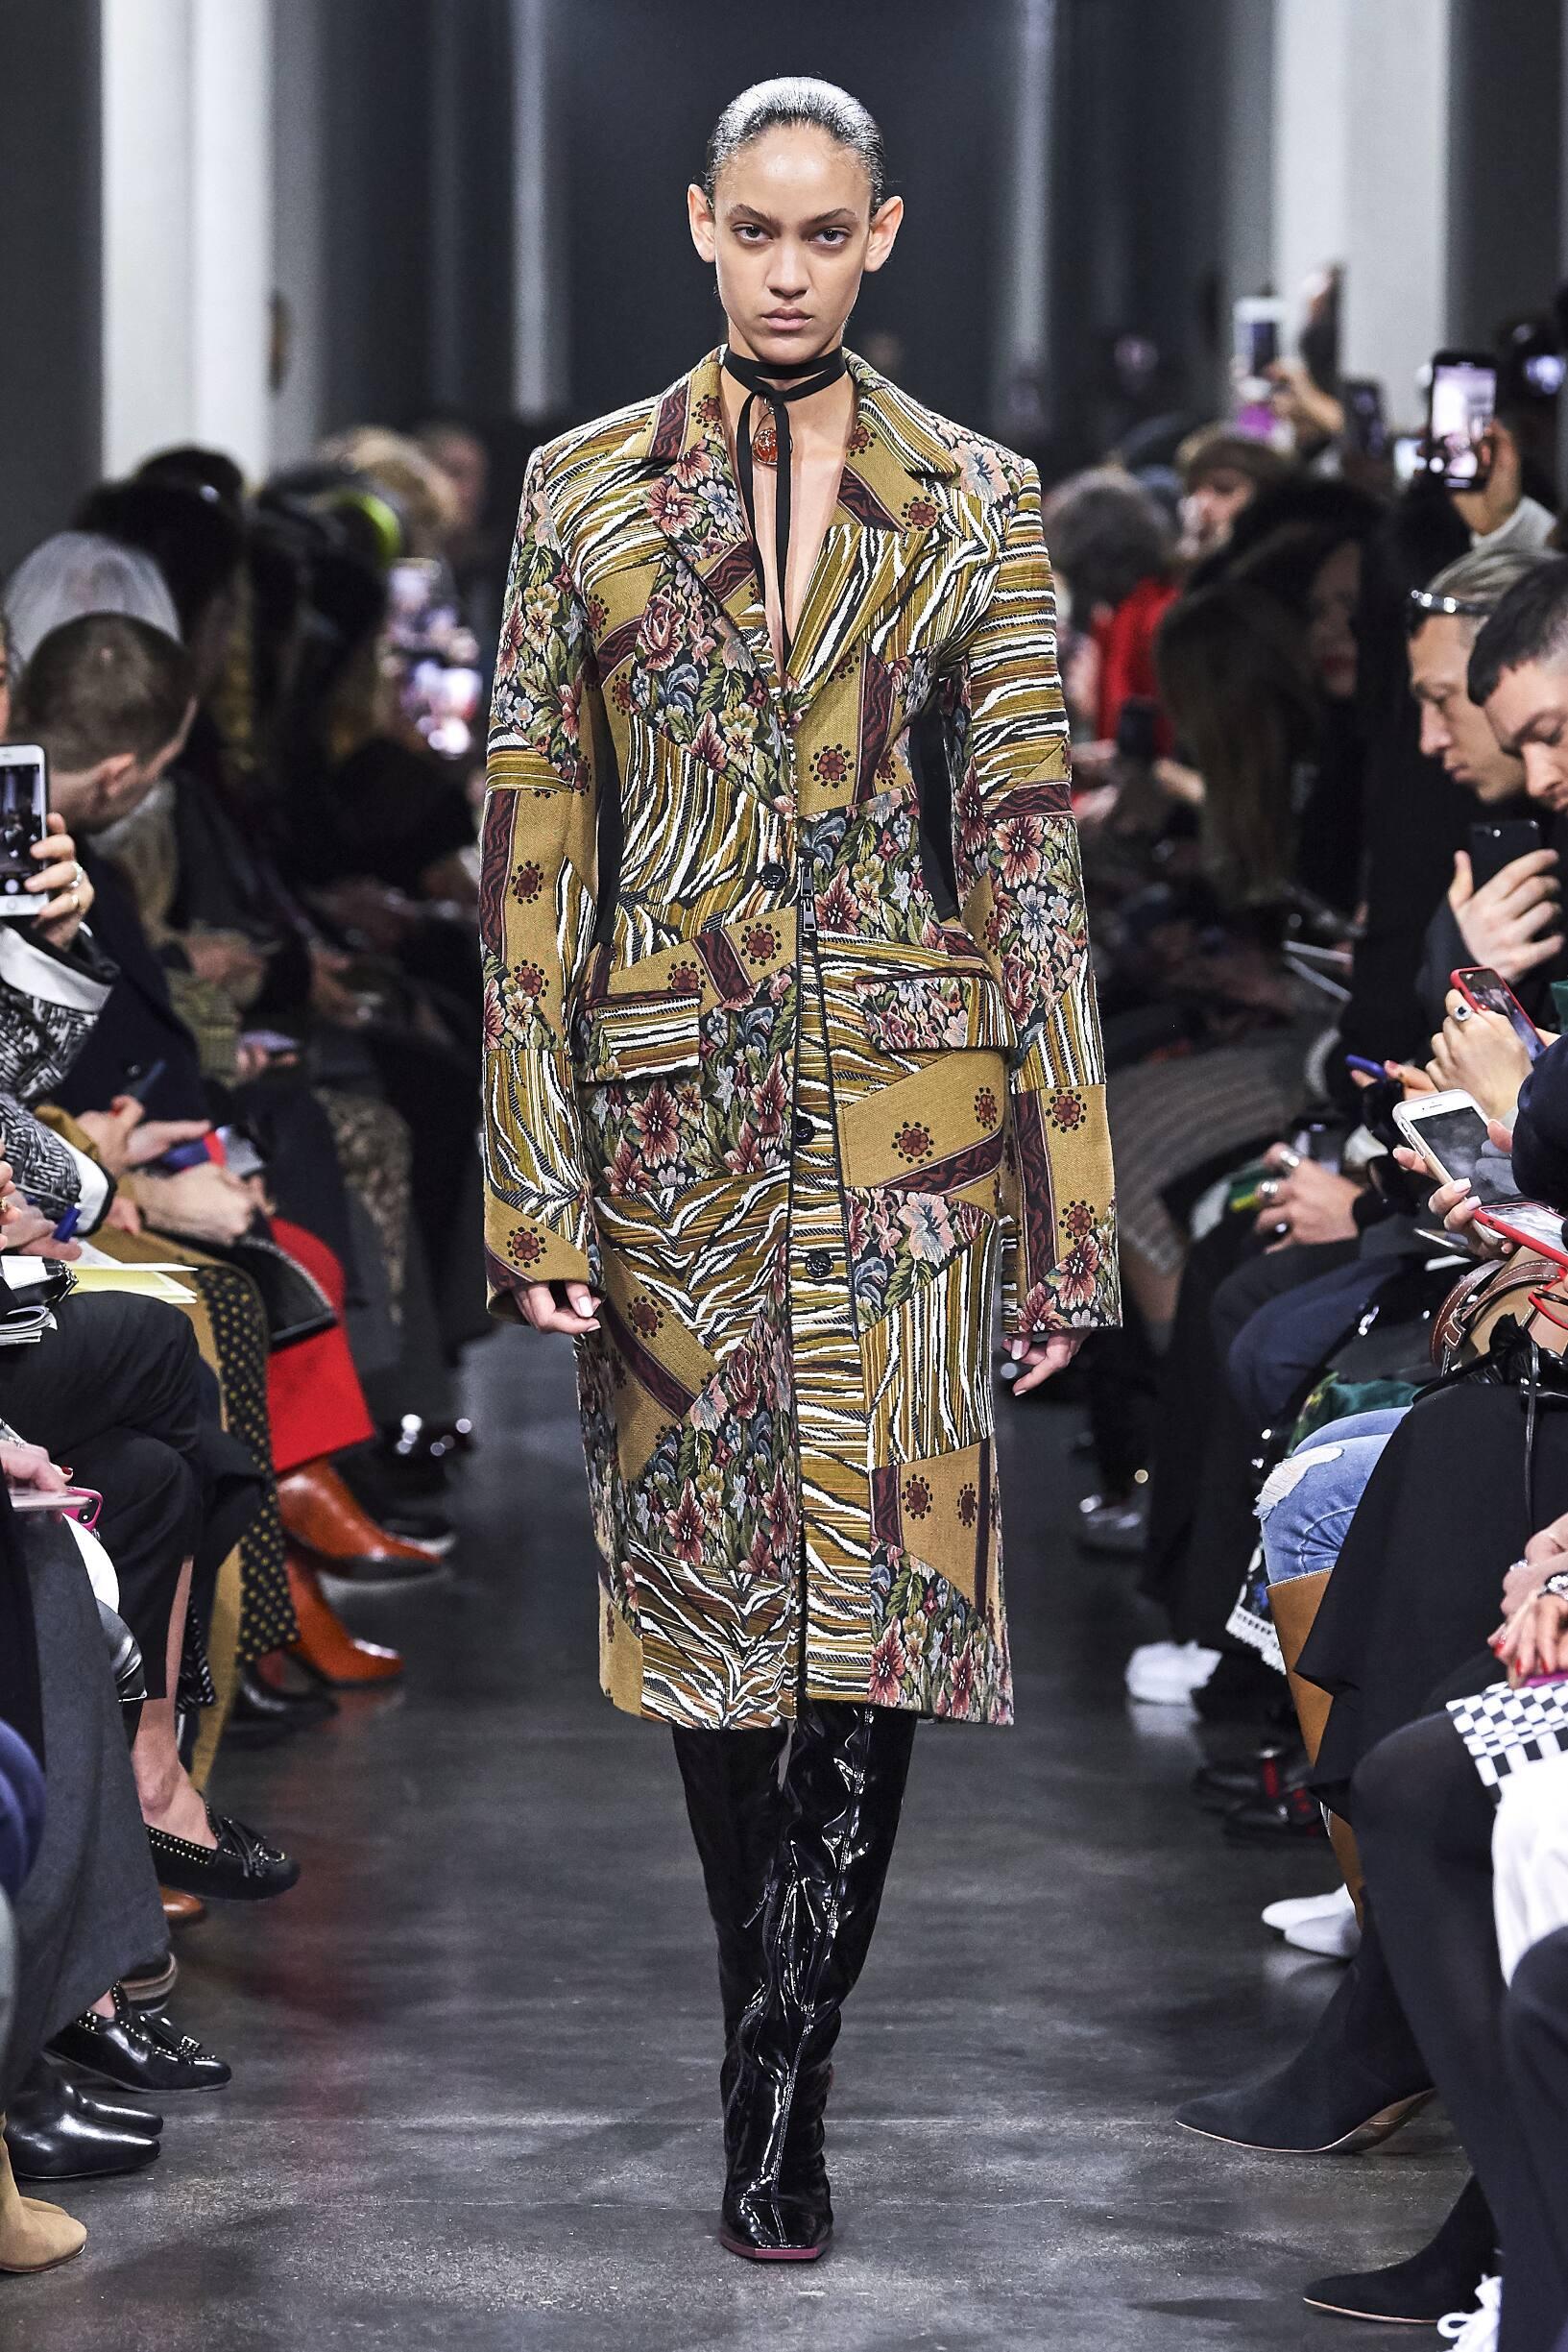 Fashion Show Woman Model Mugler Catwalk